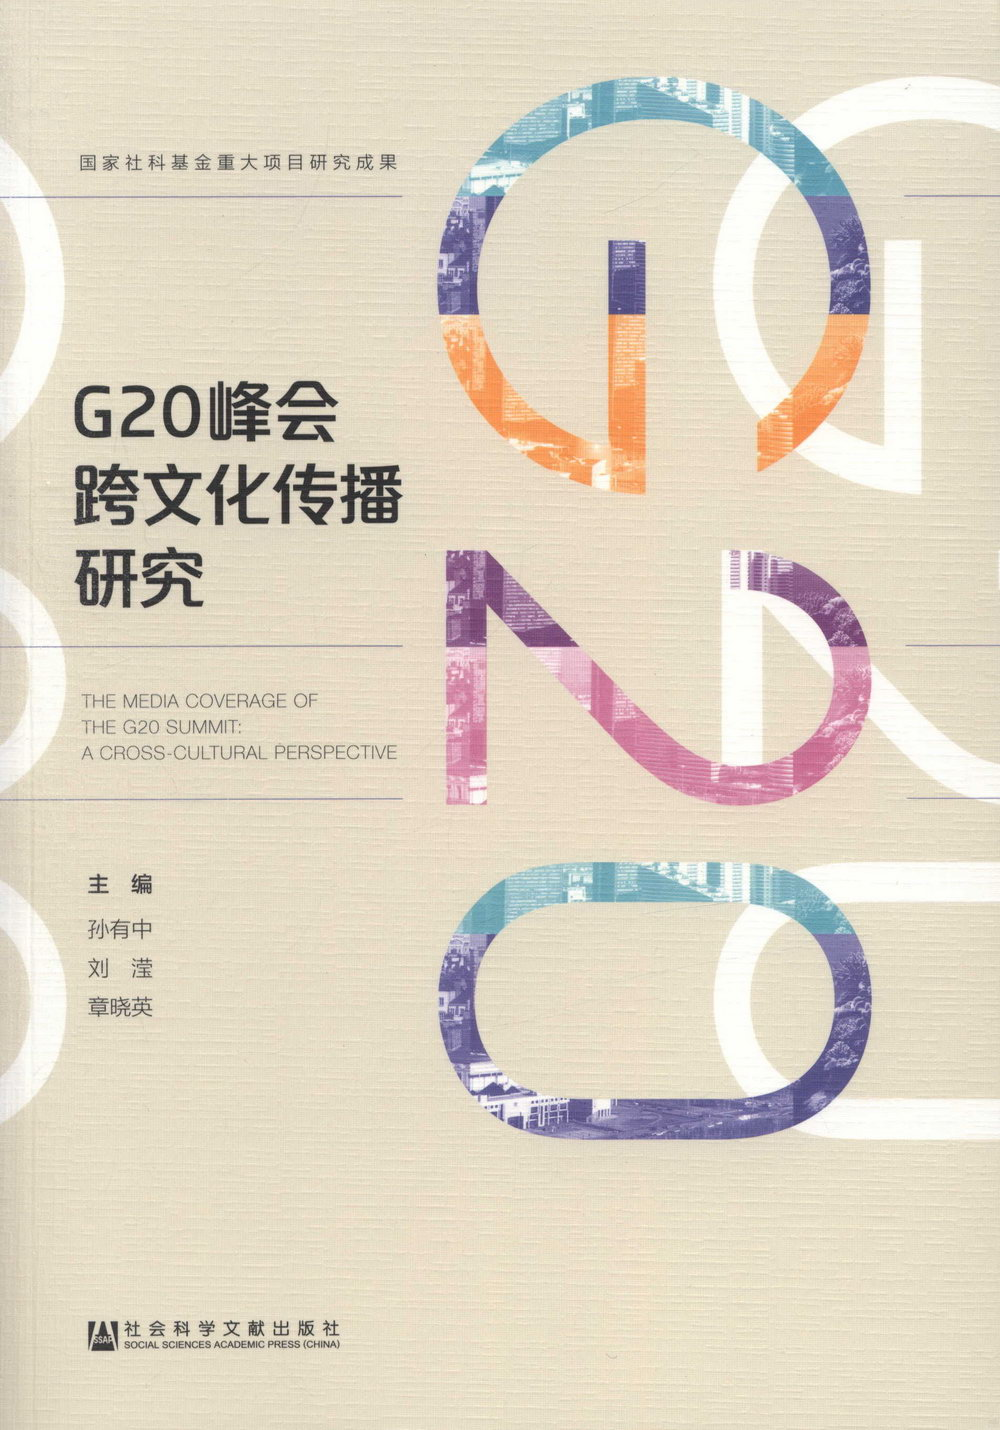 G20峰會跨文化傳播研究